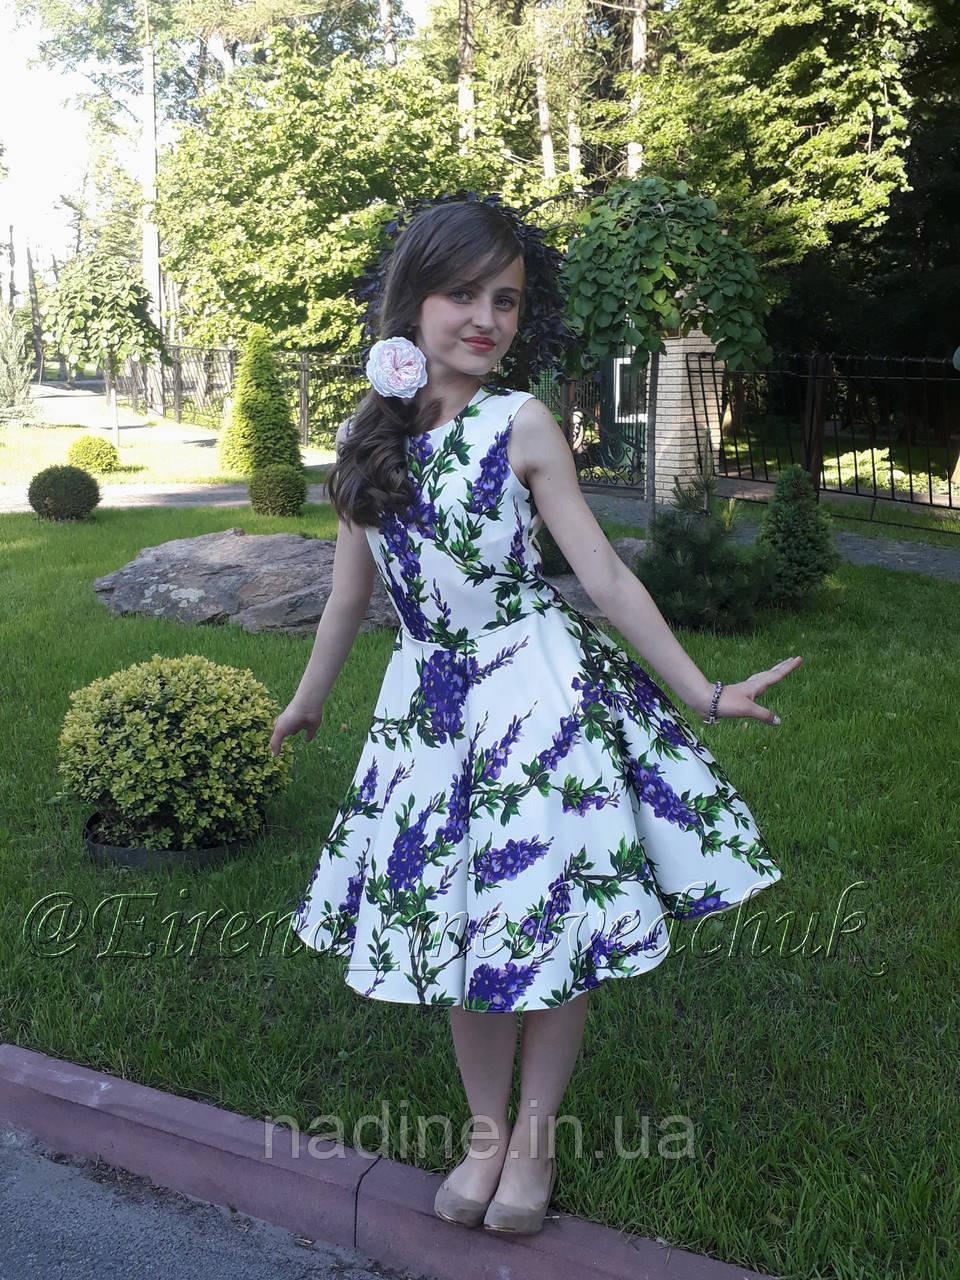 Платье Nadine с юбкой солнце клёш 134 см белое с цветочным принтом